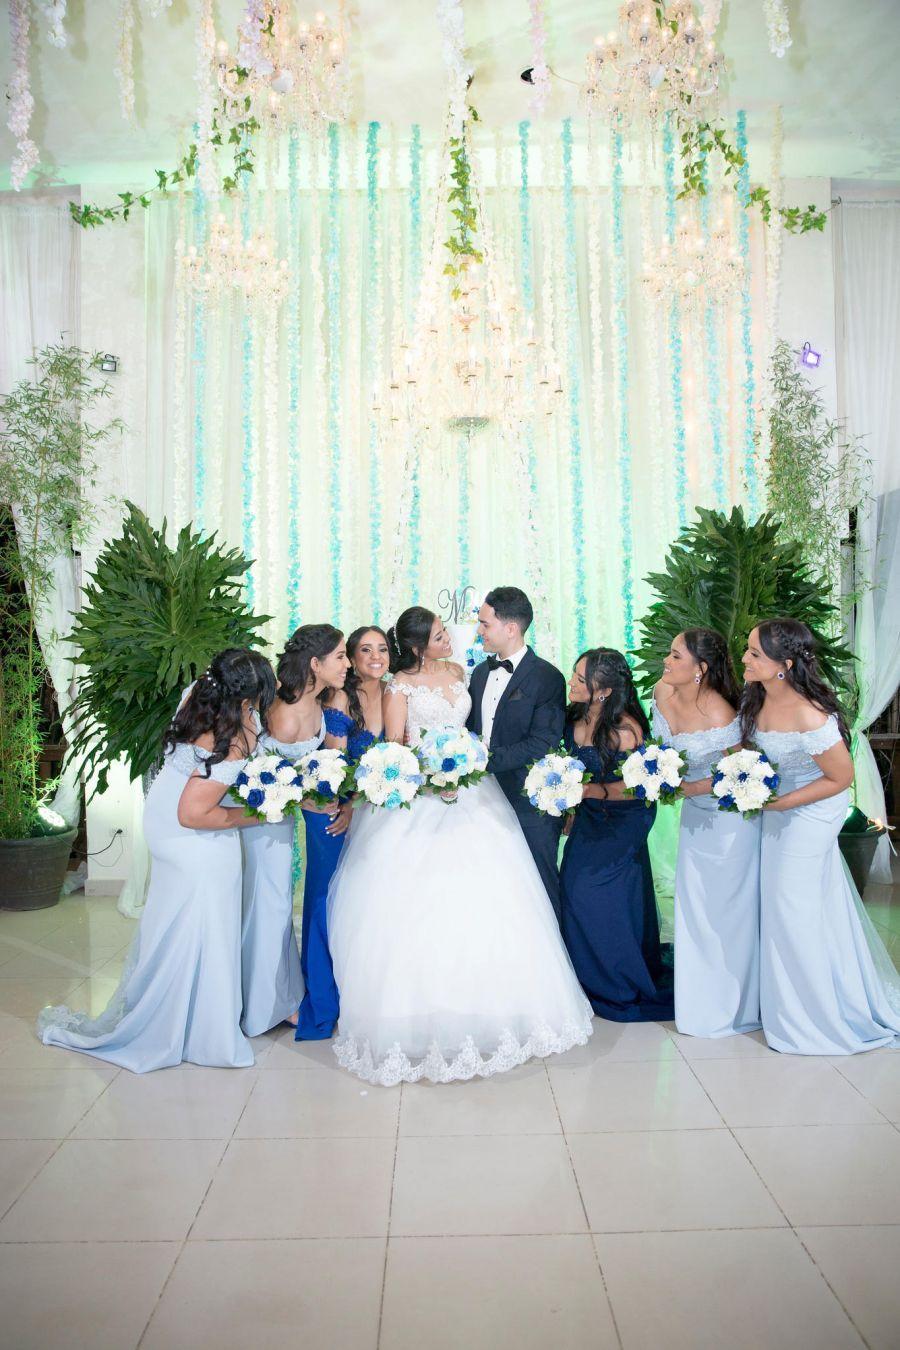 Tiendas de vestidos alquiler y venta de vestidos de novias en república dominicana - vigselstore